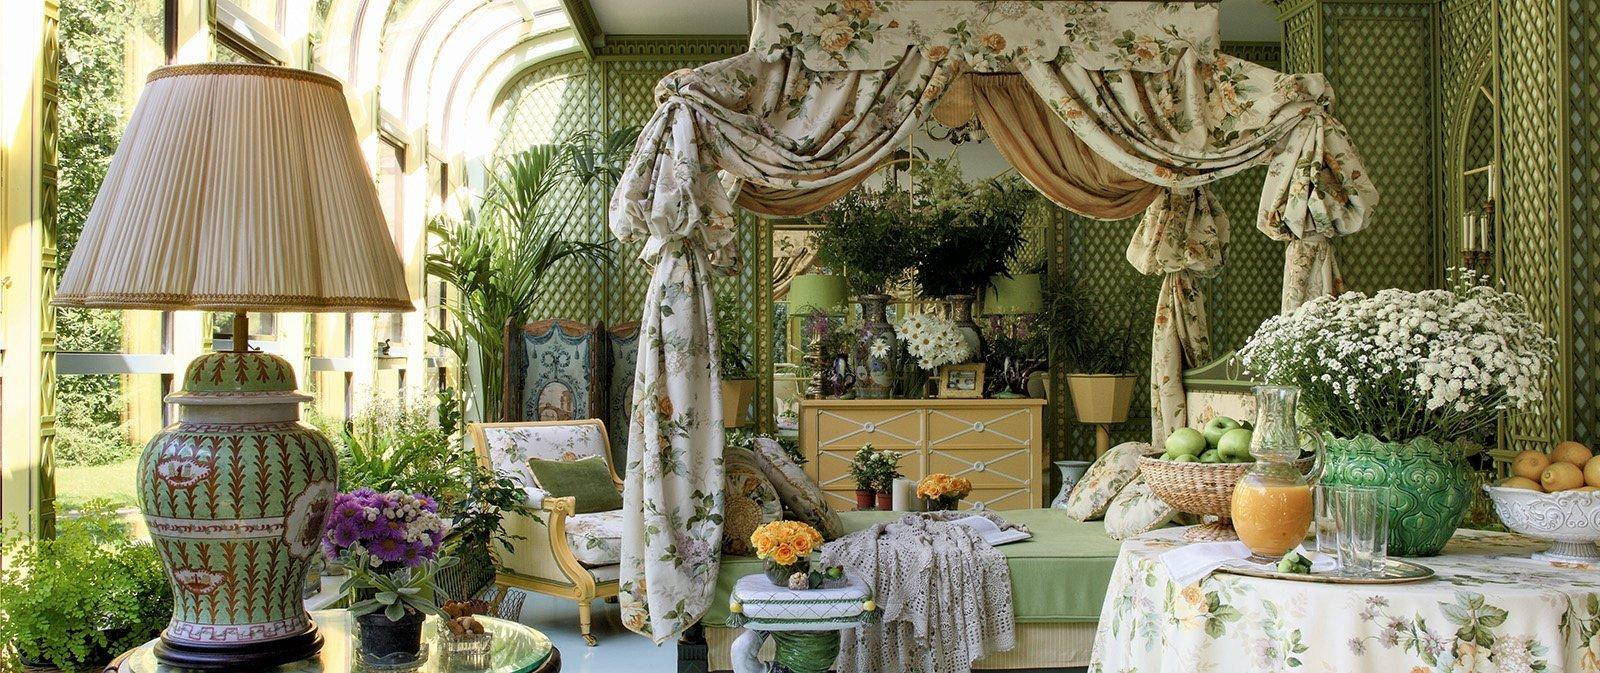 KIRILL ISTOMIN - winter garden residence